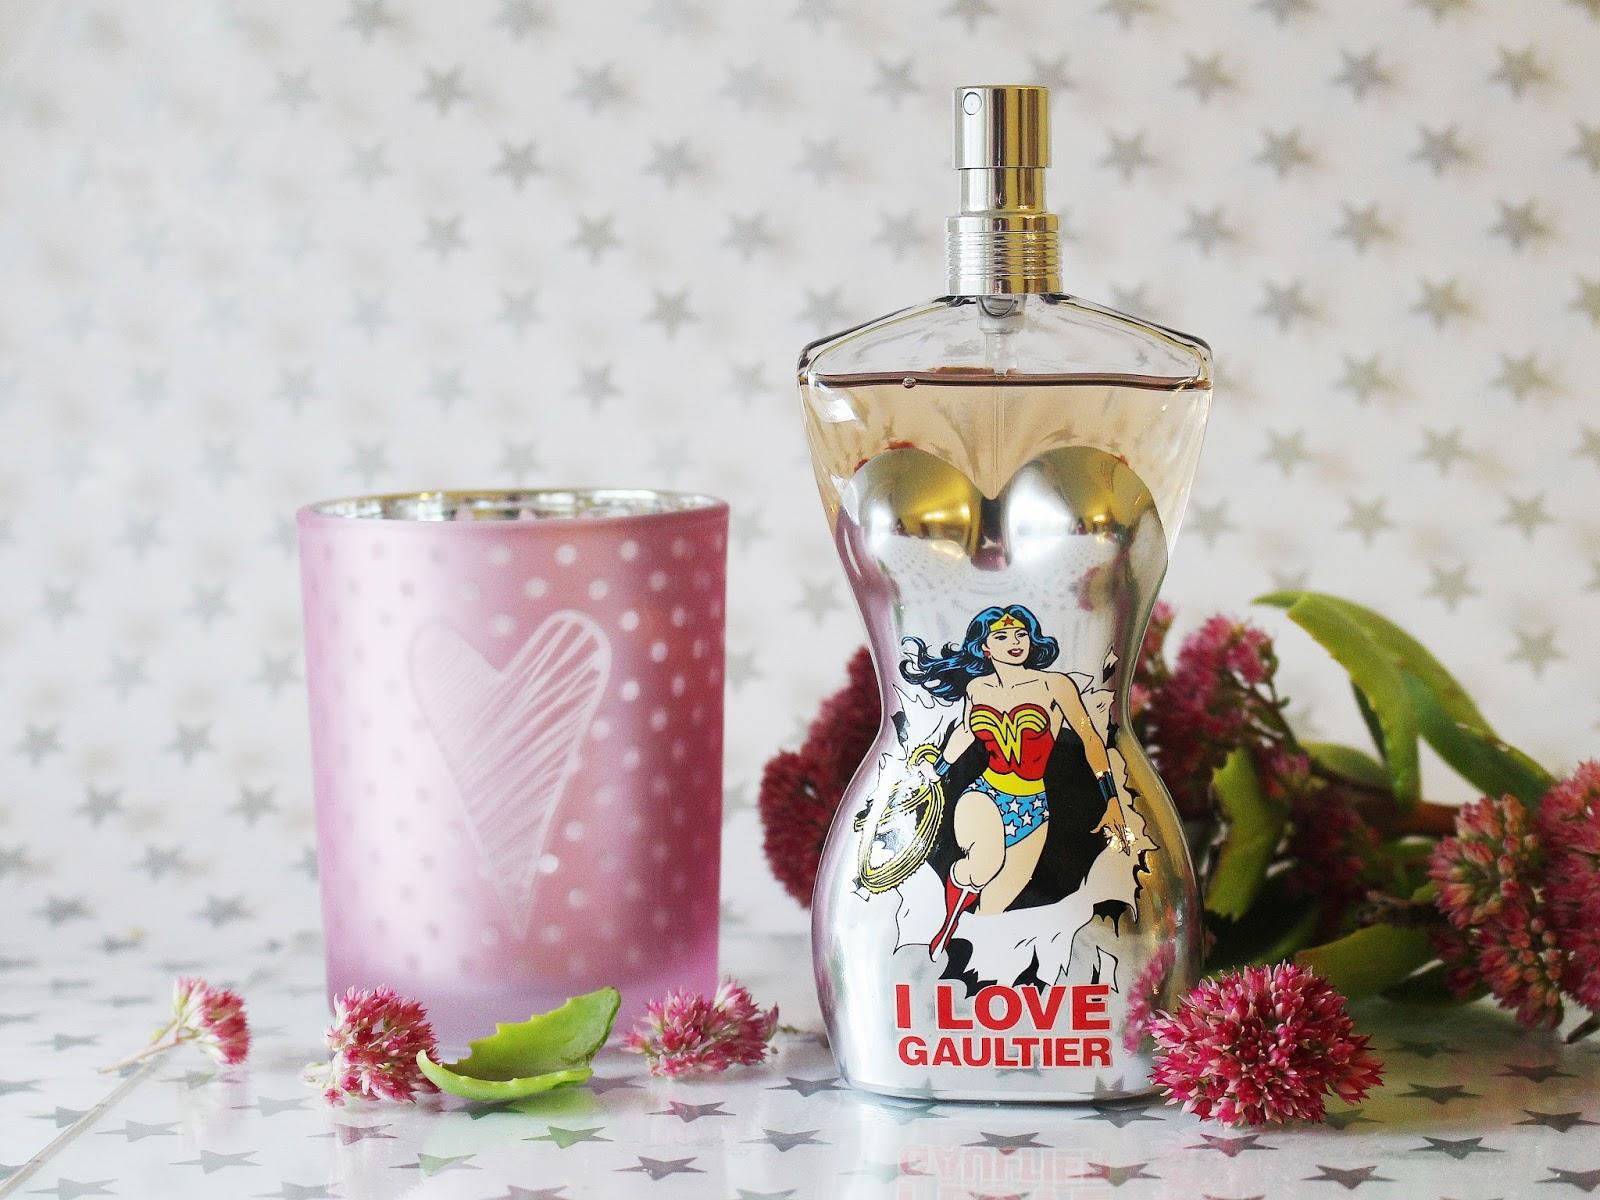 Túl a pasztellen Glamour-napok haul Jean Paul Gaultier Classique Wonder Woman Eau Fraiche